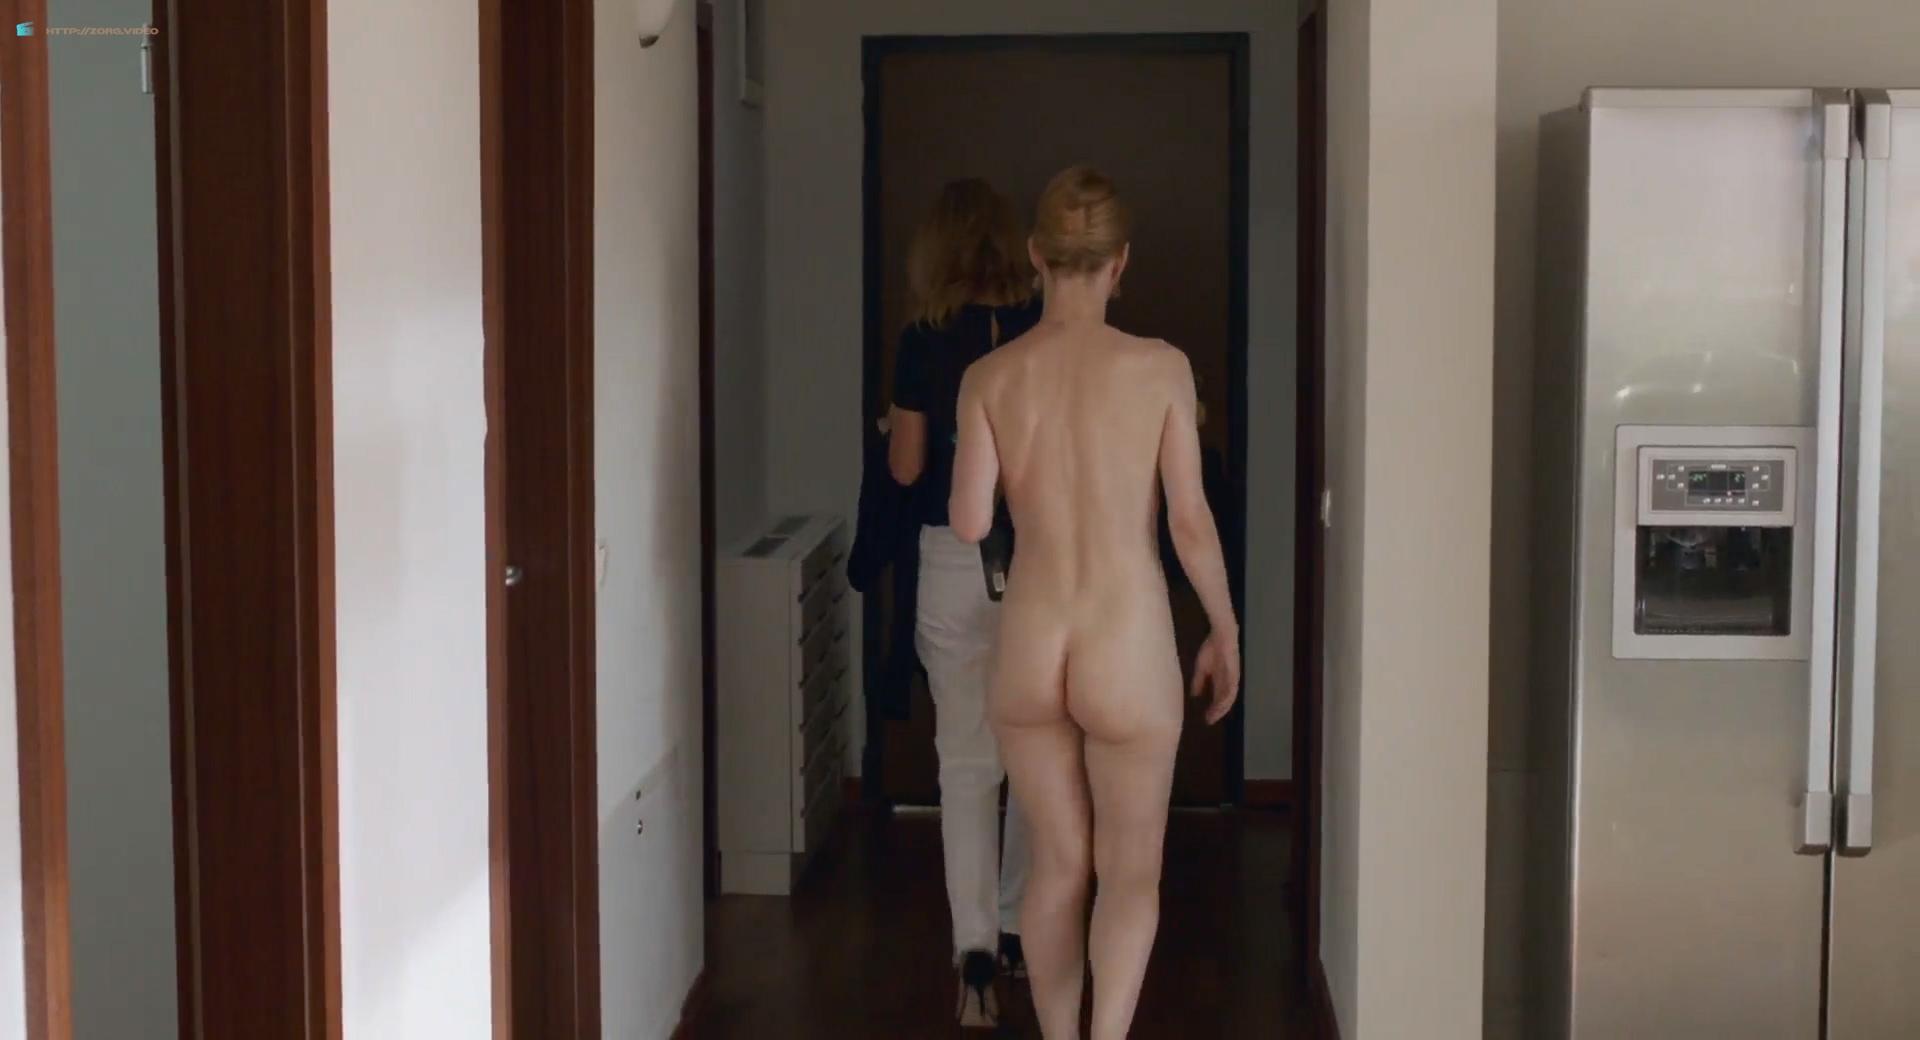 Naked ingrid bisu Ingrid Bisu